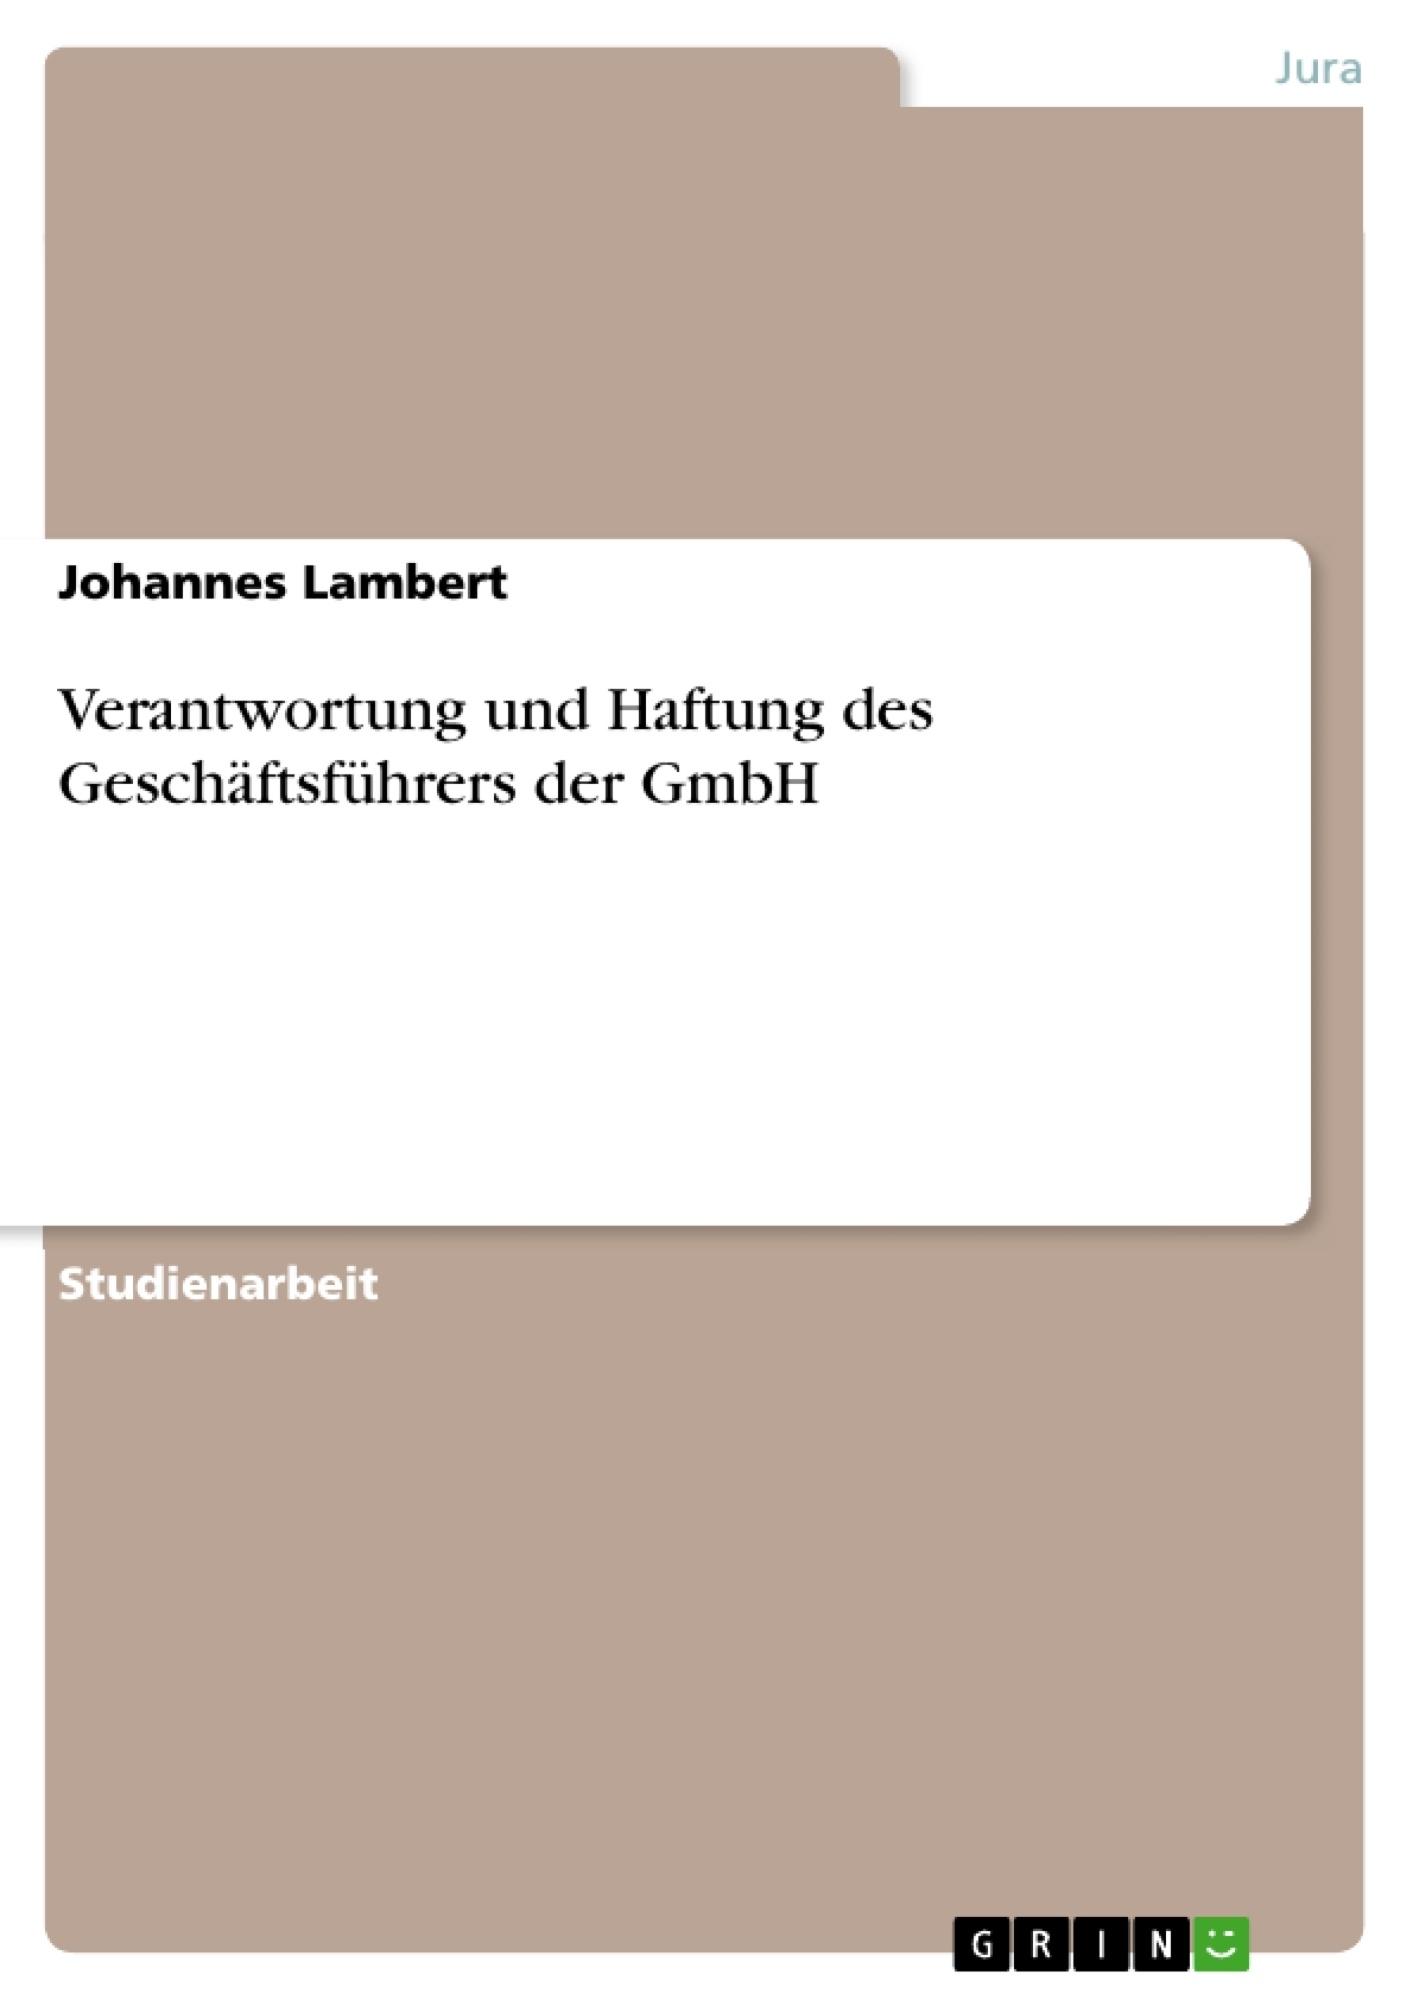 Titel: Verantwortung und Haftung des Geschäftsführers der GmbH